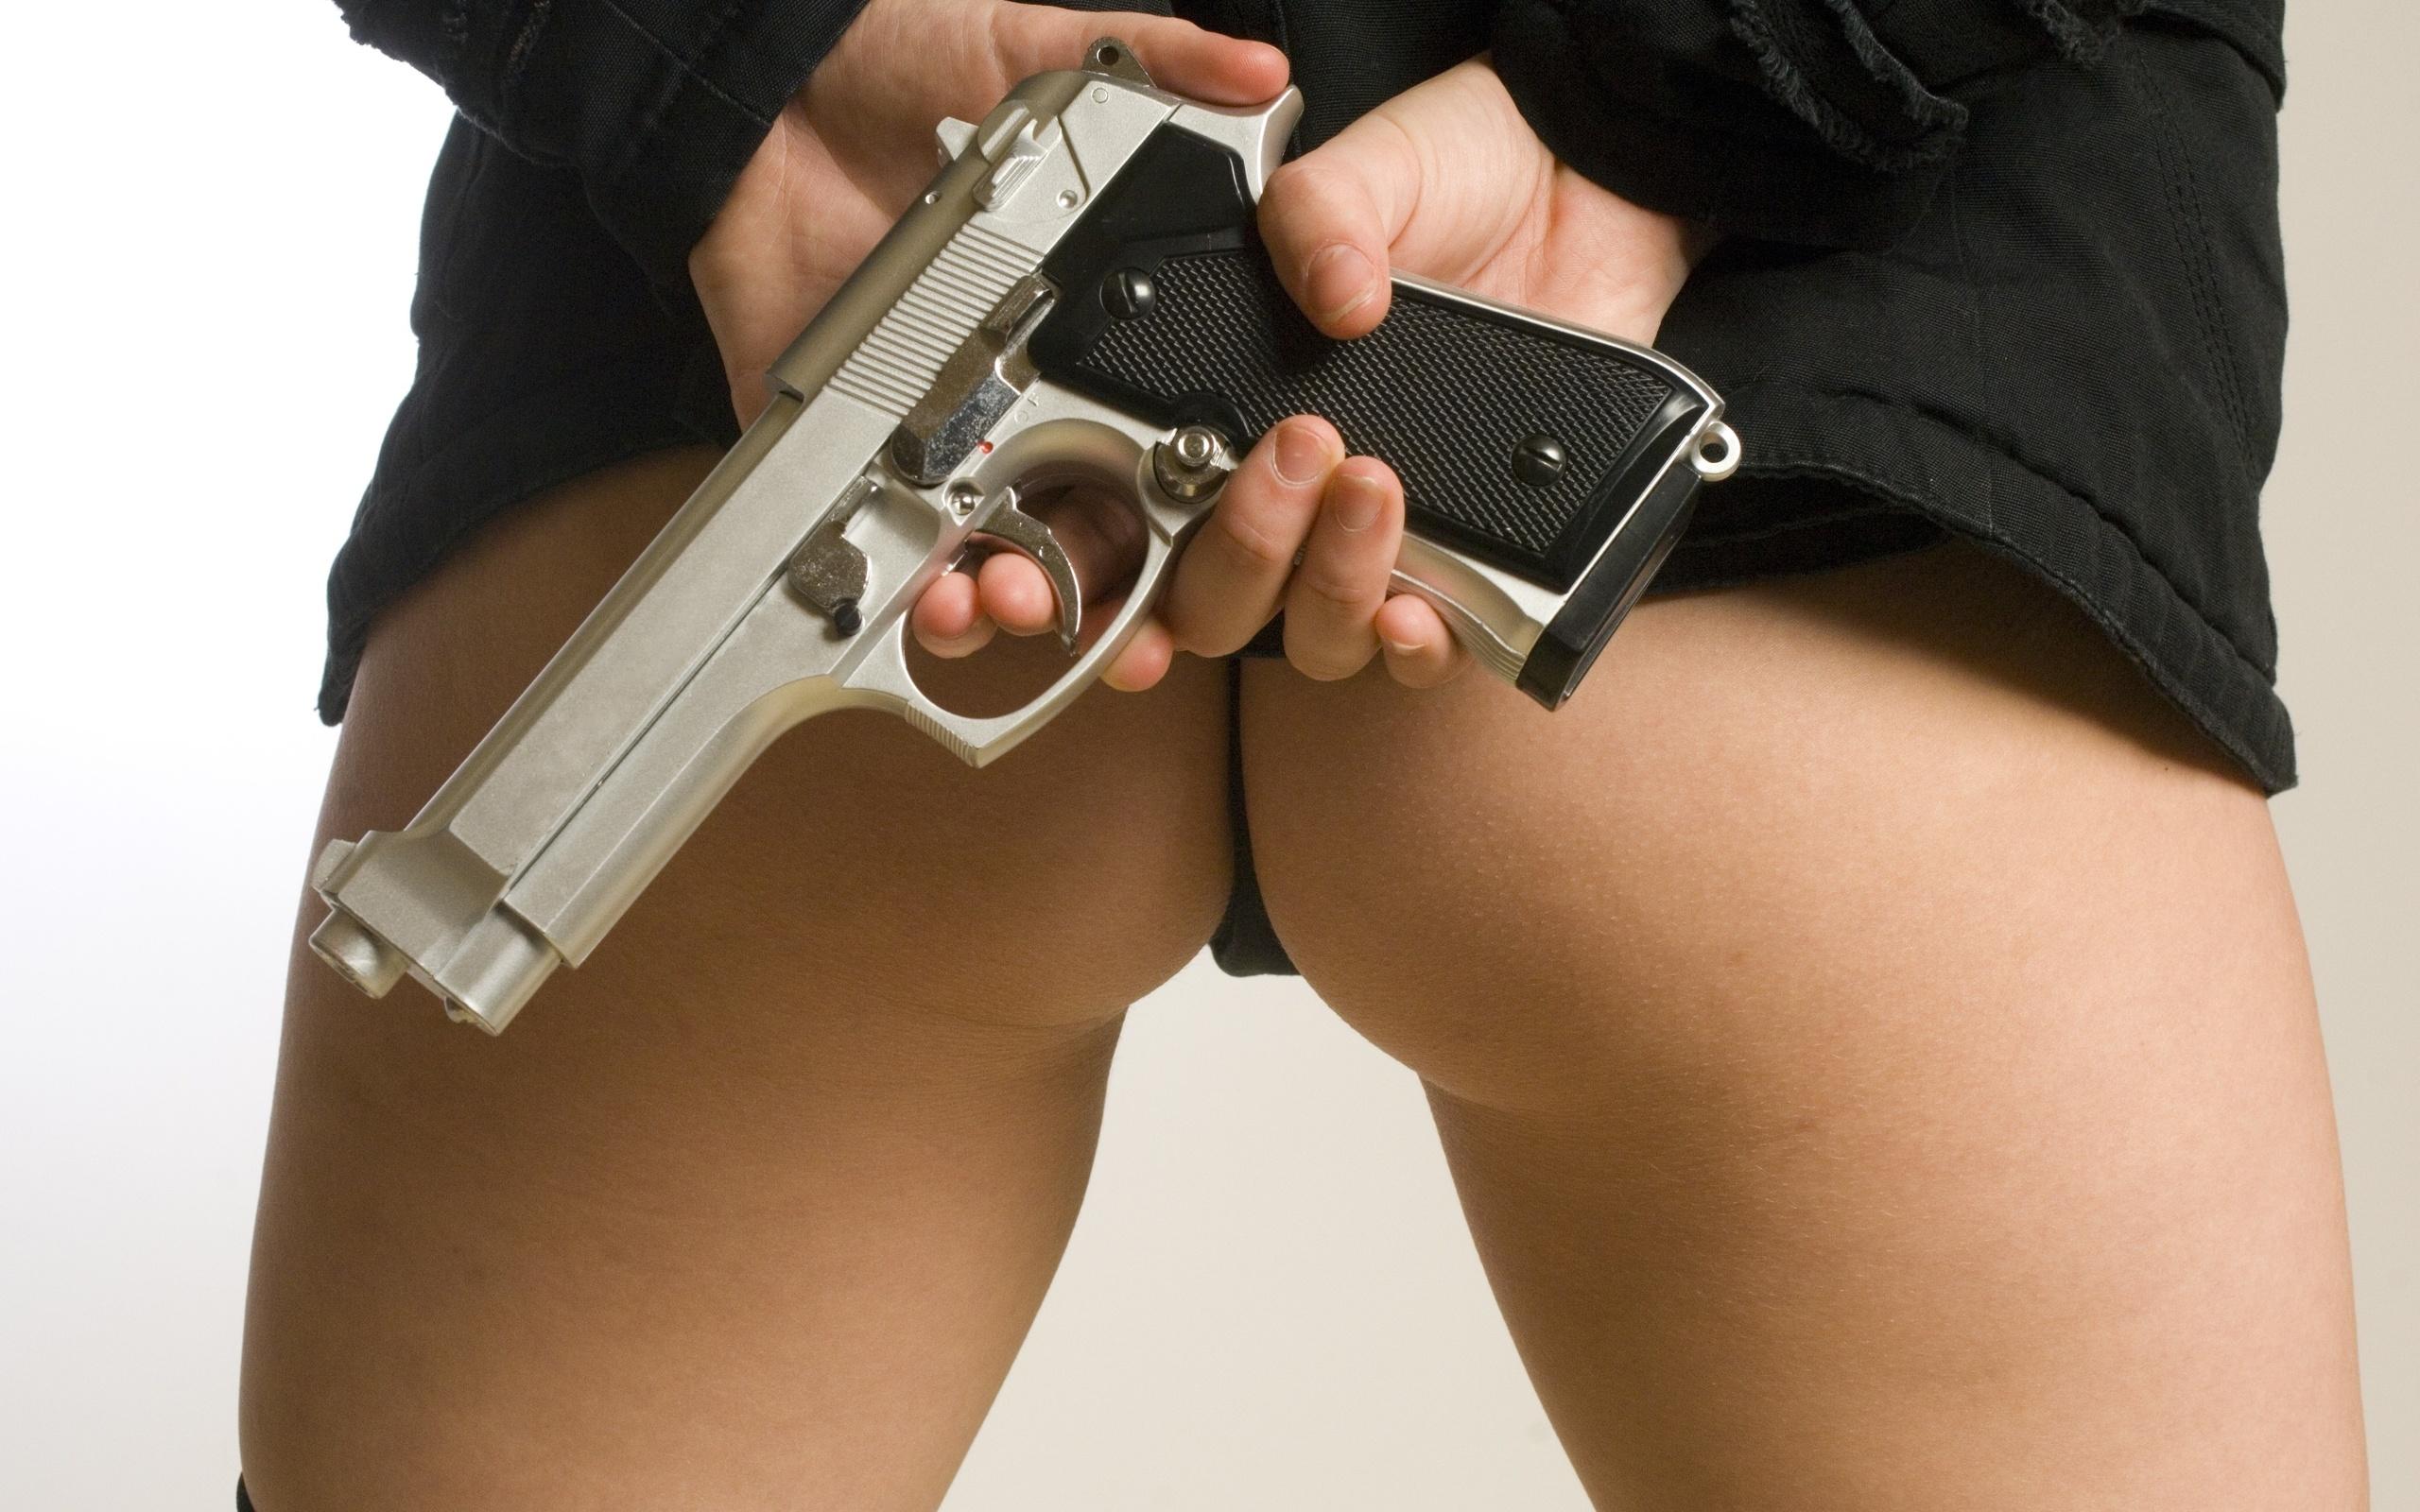 lizhet-pod-pistoletom-foto